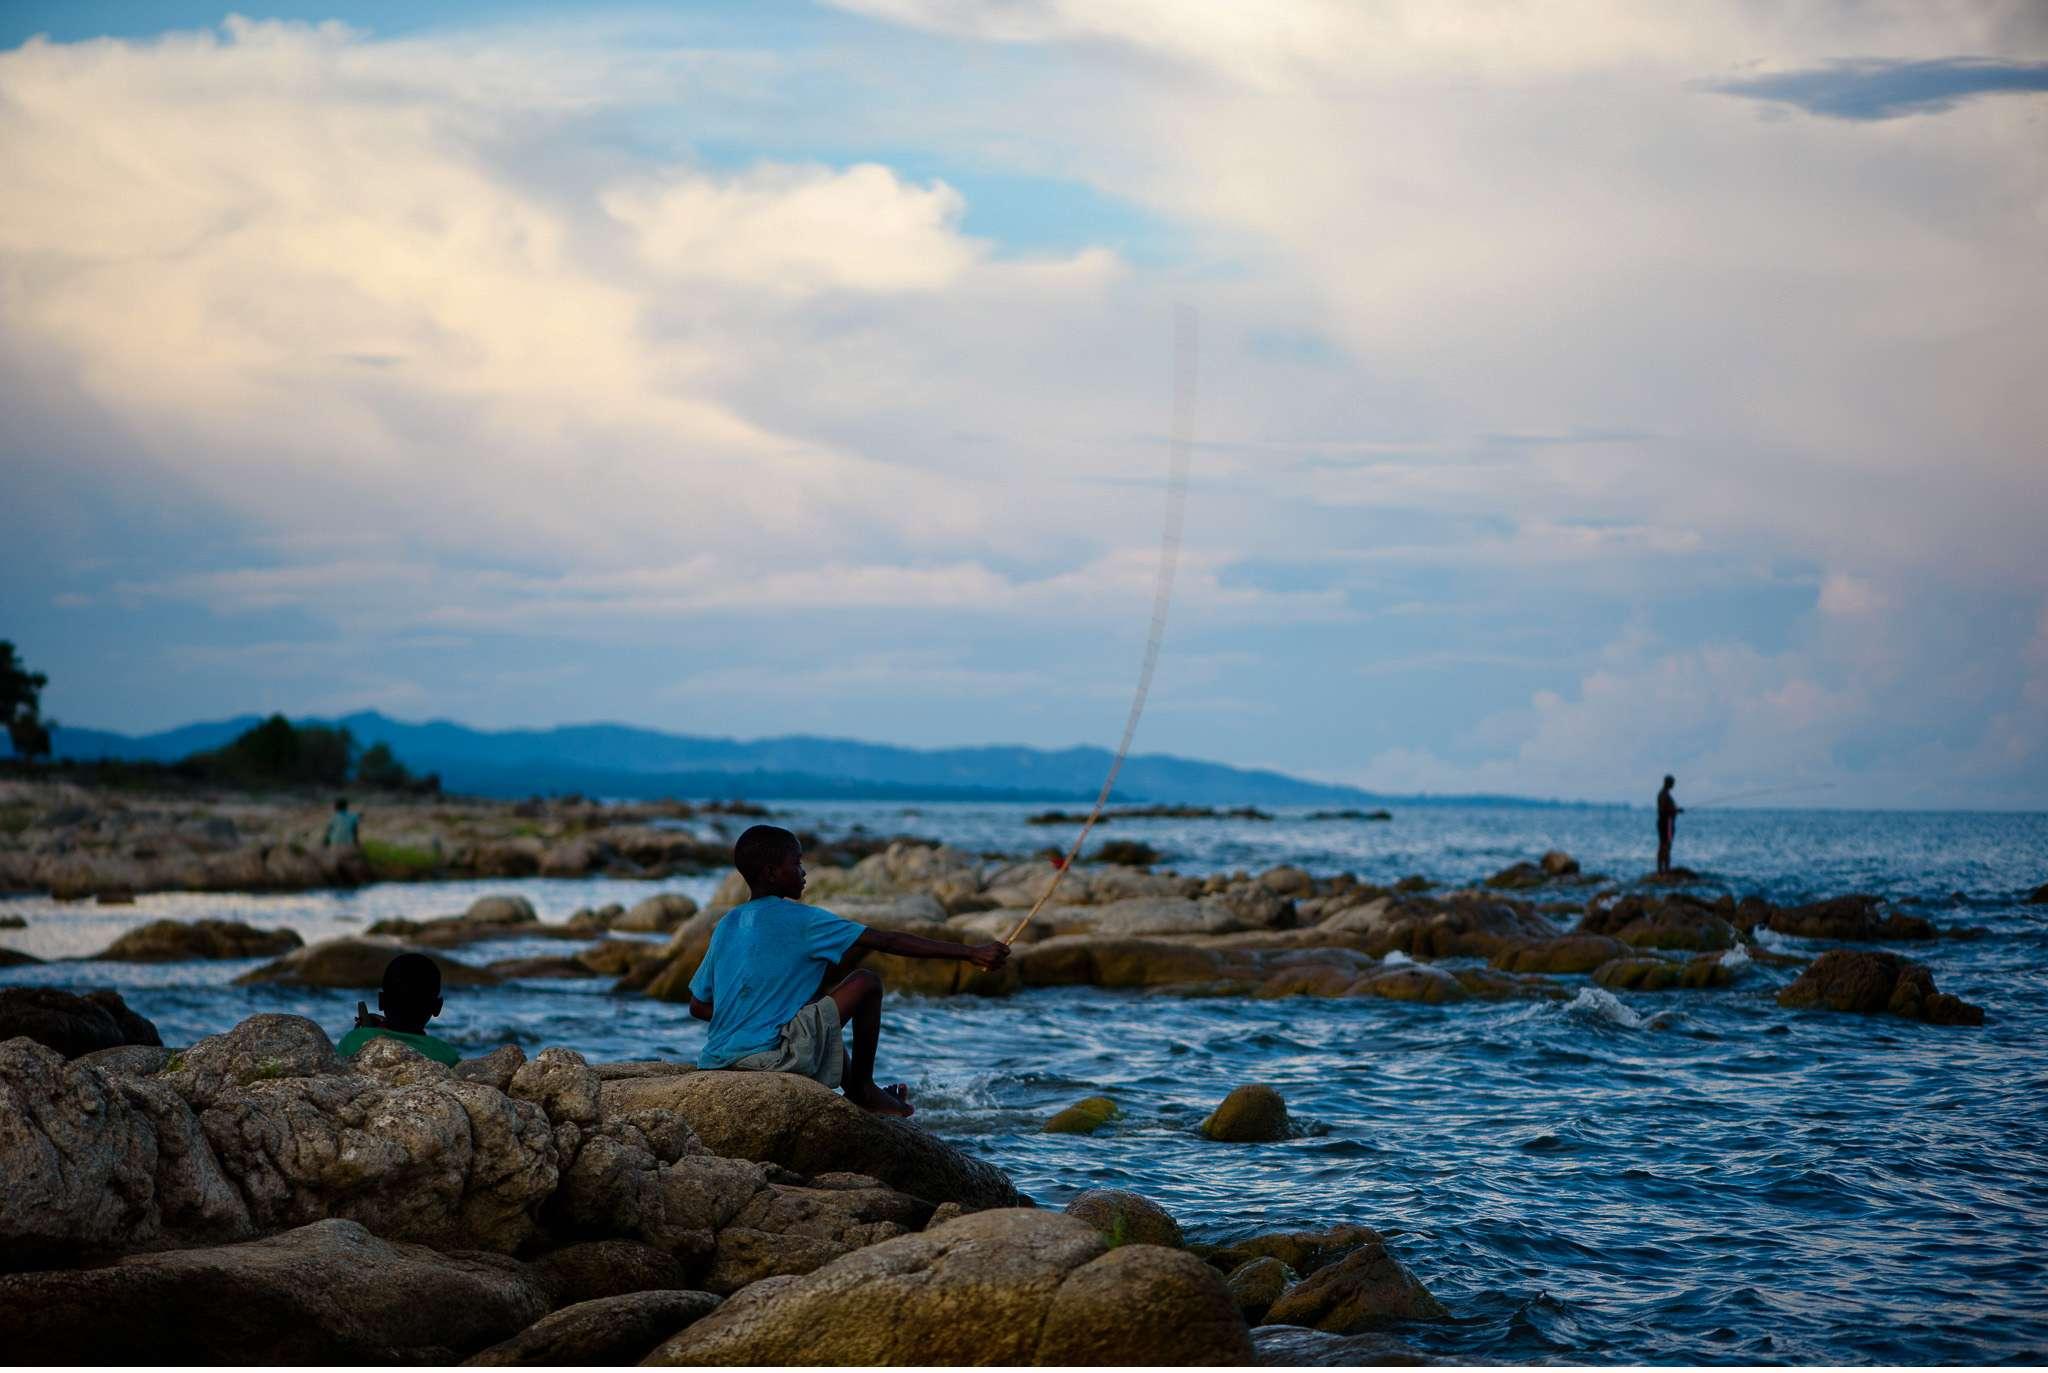 Malawi-Quer durch Afrika- Geschichten von unterwegs by Marion and Daniel-70